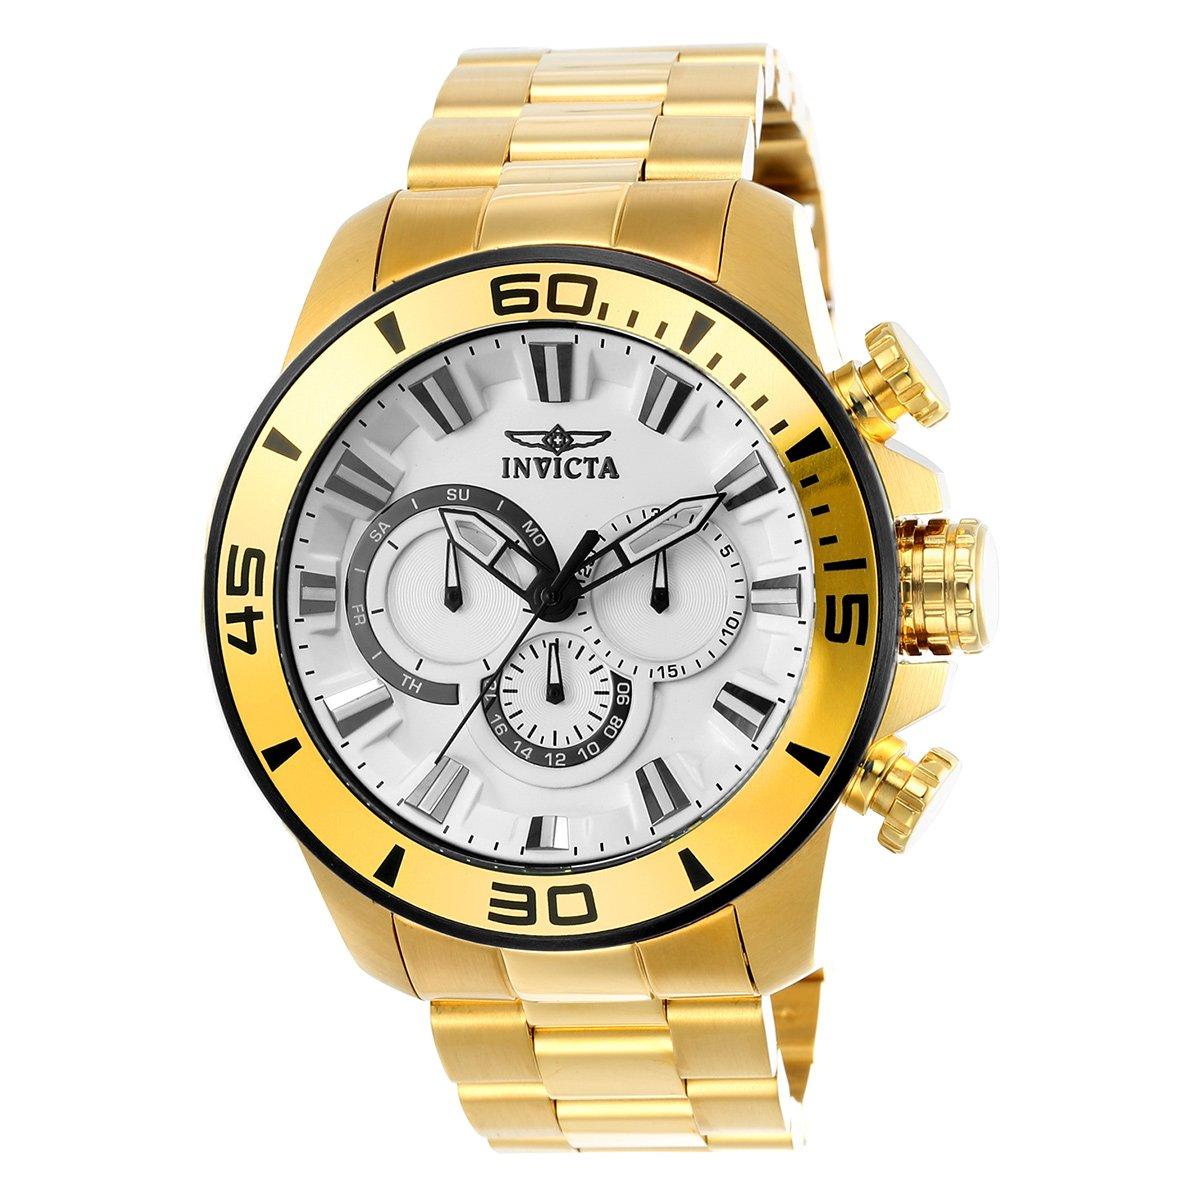 2b03da0797c Relógio Invicta Analógico Pro Diver - 22589 Masculino